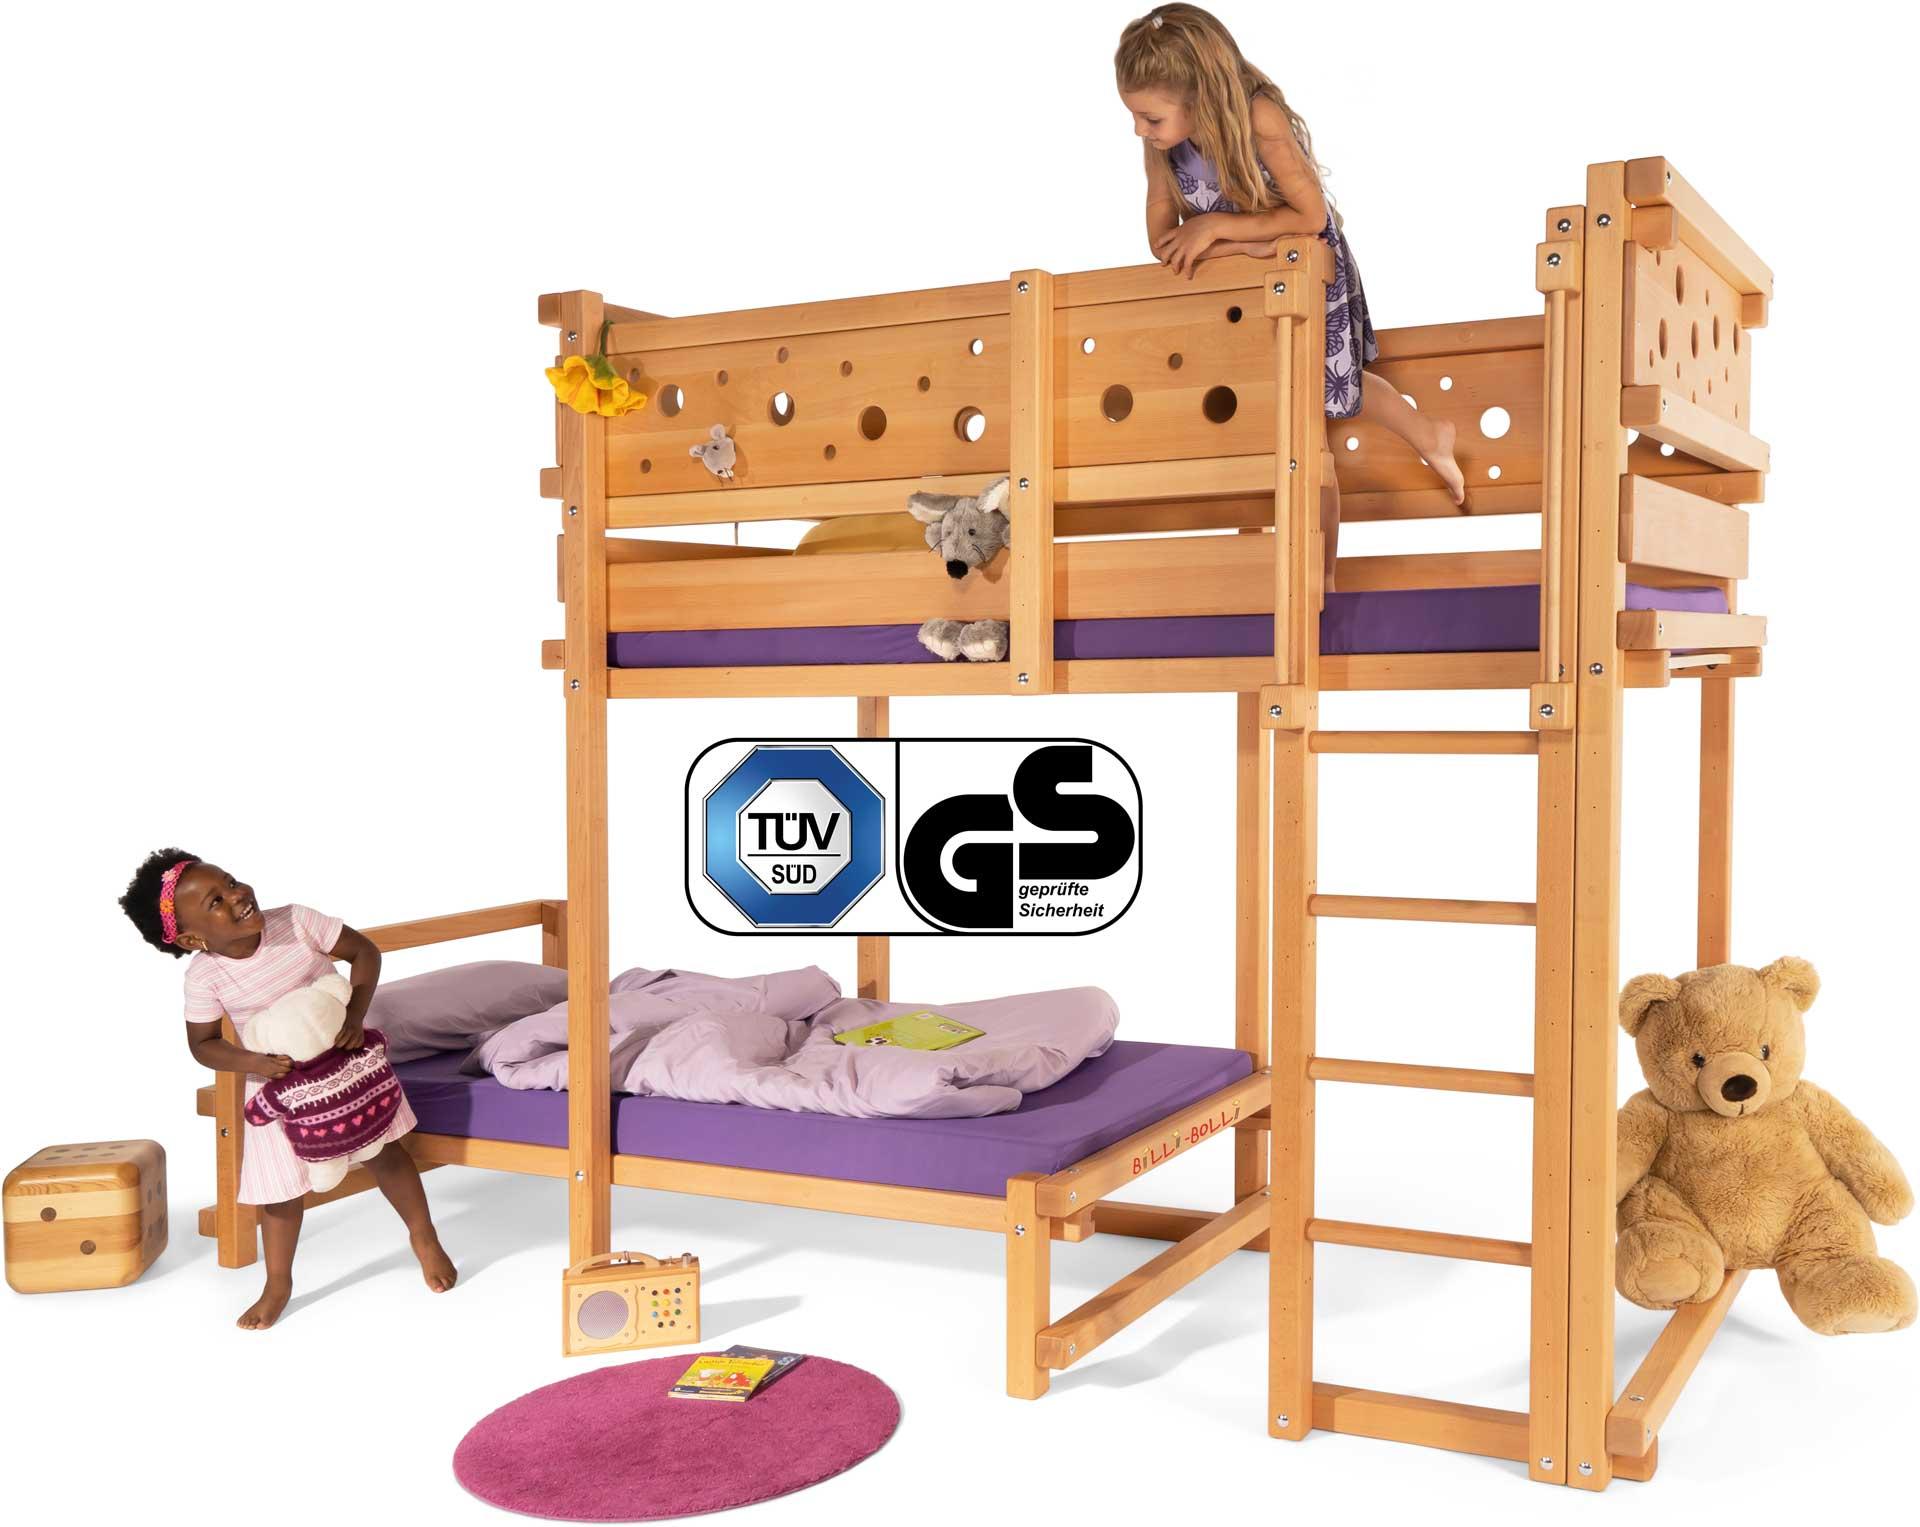 Hochbetten und Etagenbetten für Kinder von Billi-Bolli